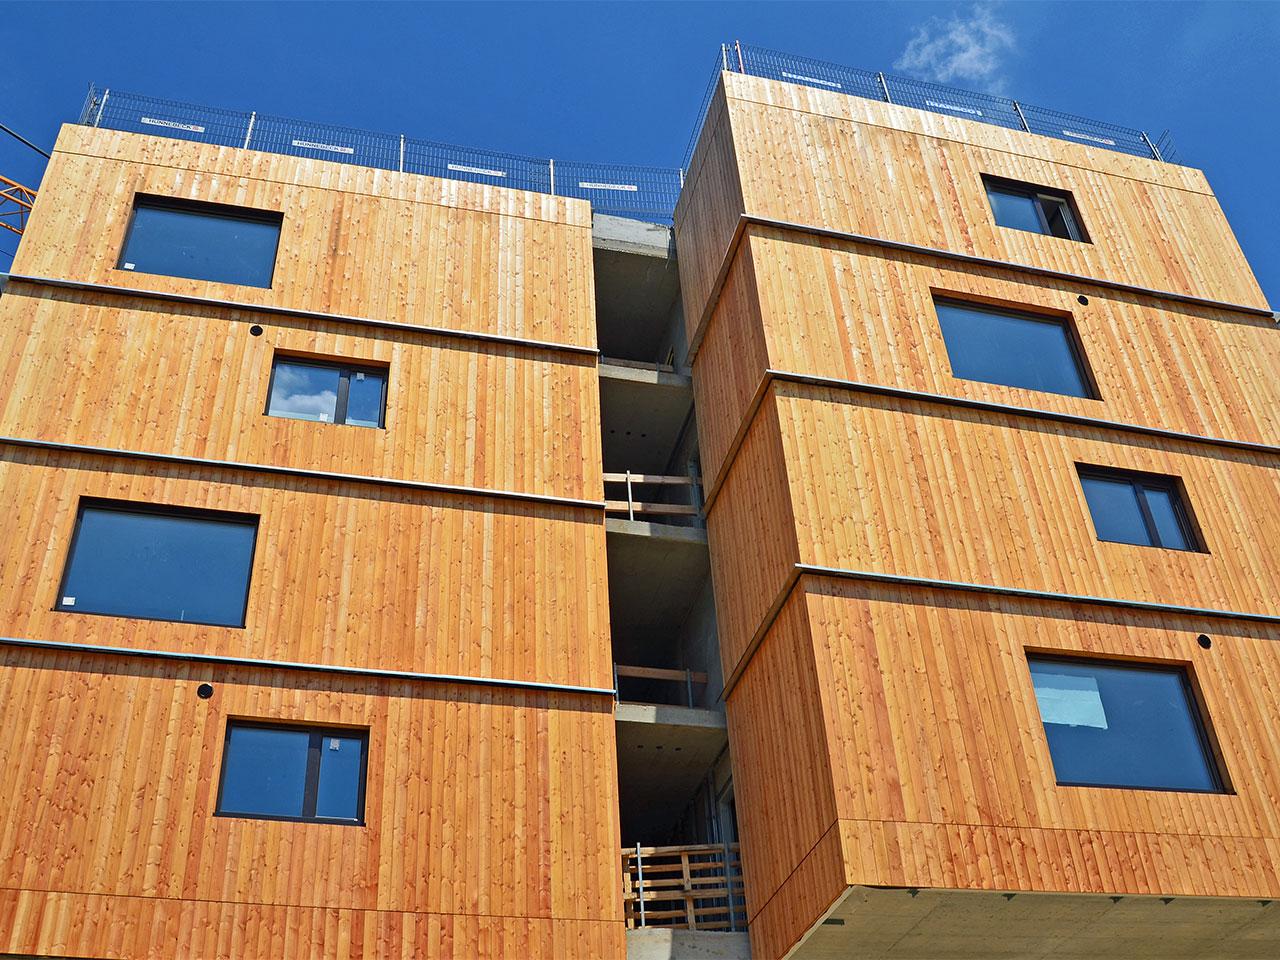 L'État veut promouvoir l'usage du bois dans les bâtiments